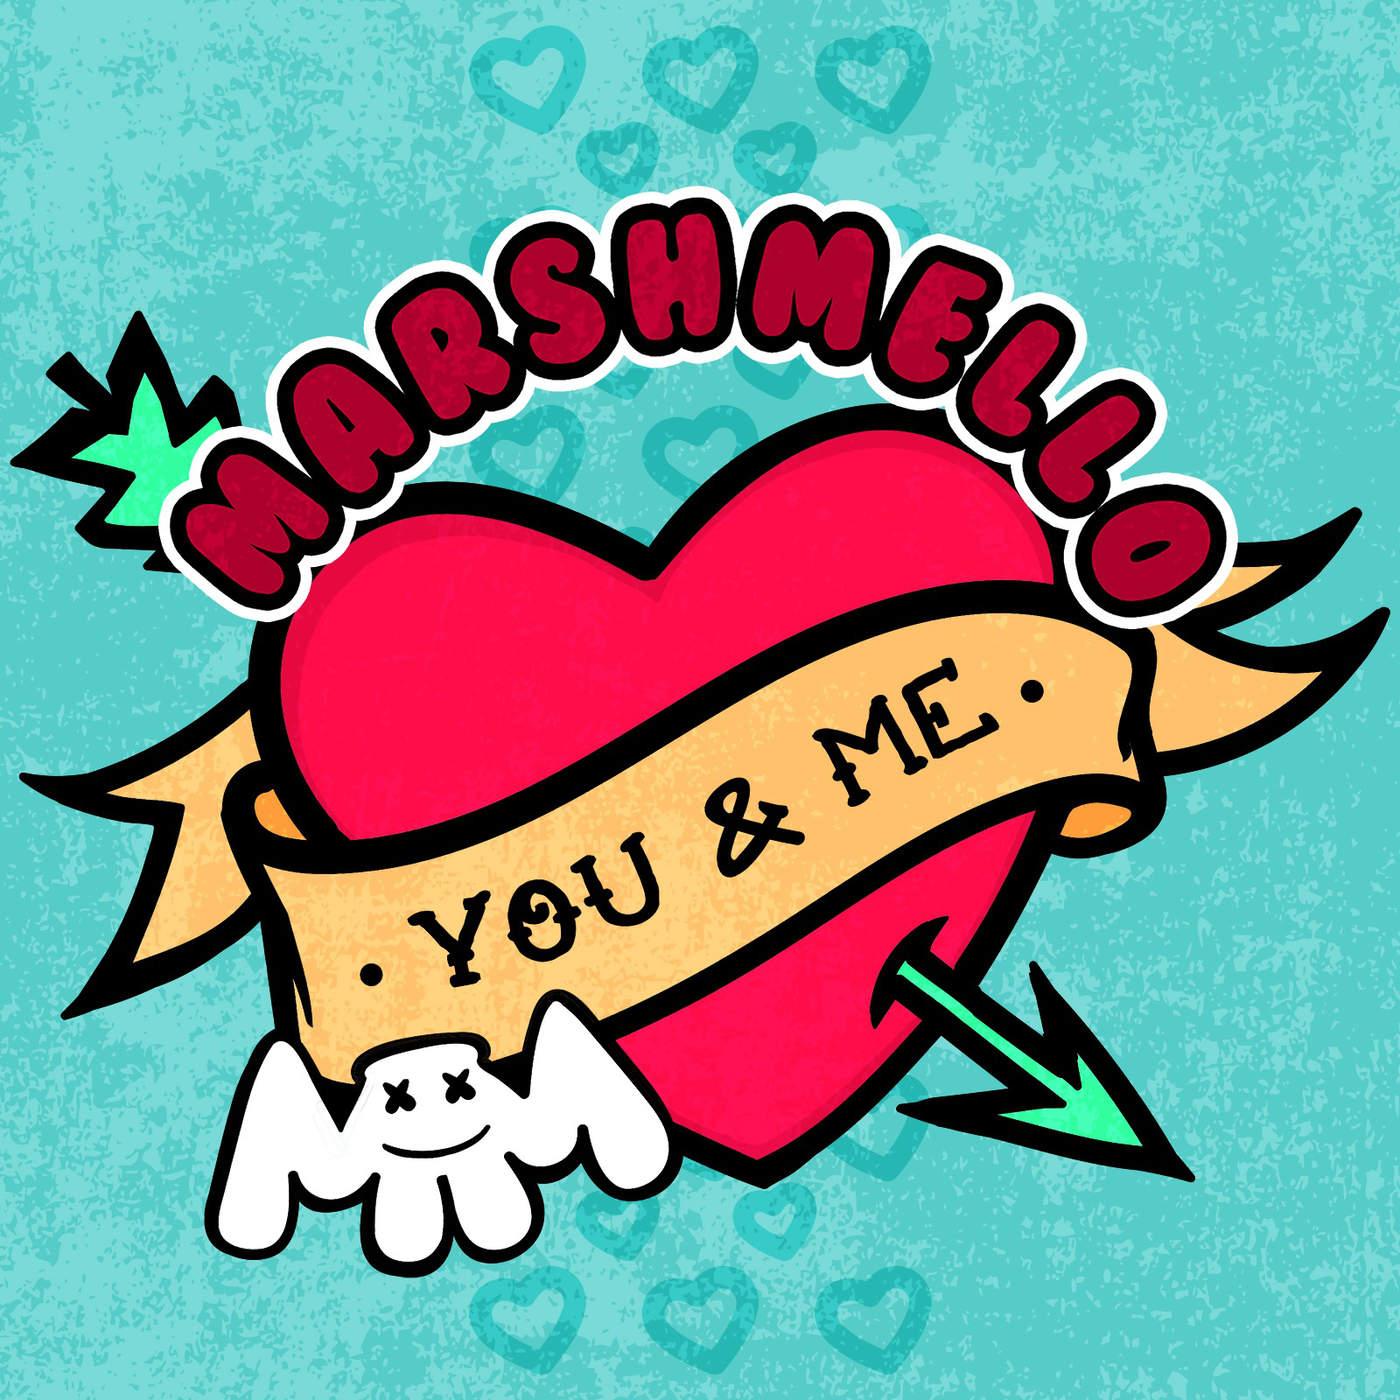 Marshmello - You & Me - Single